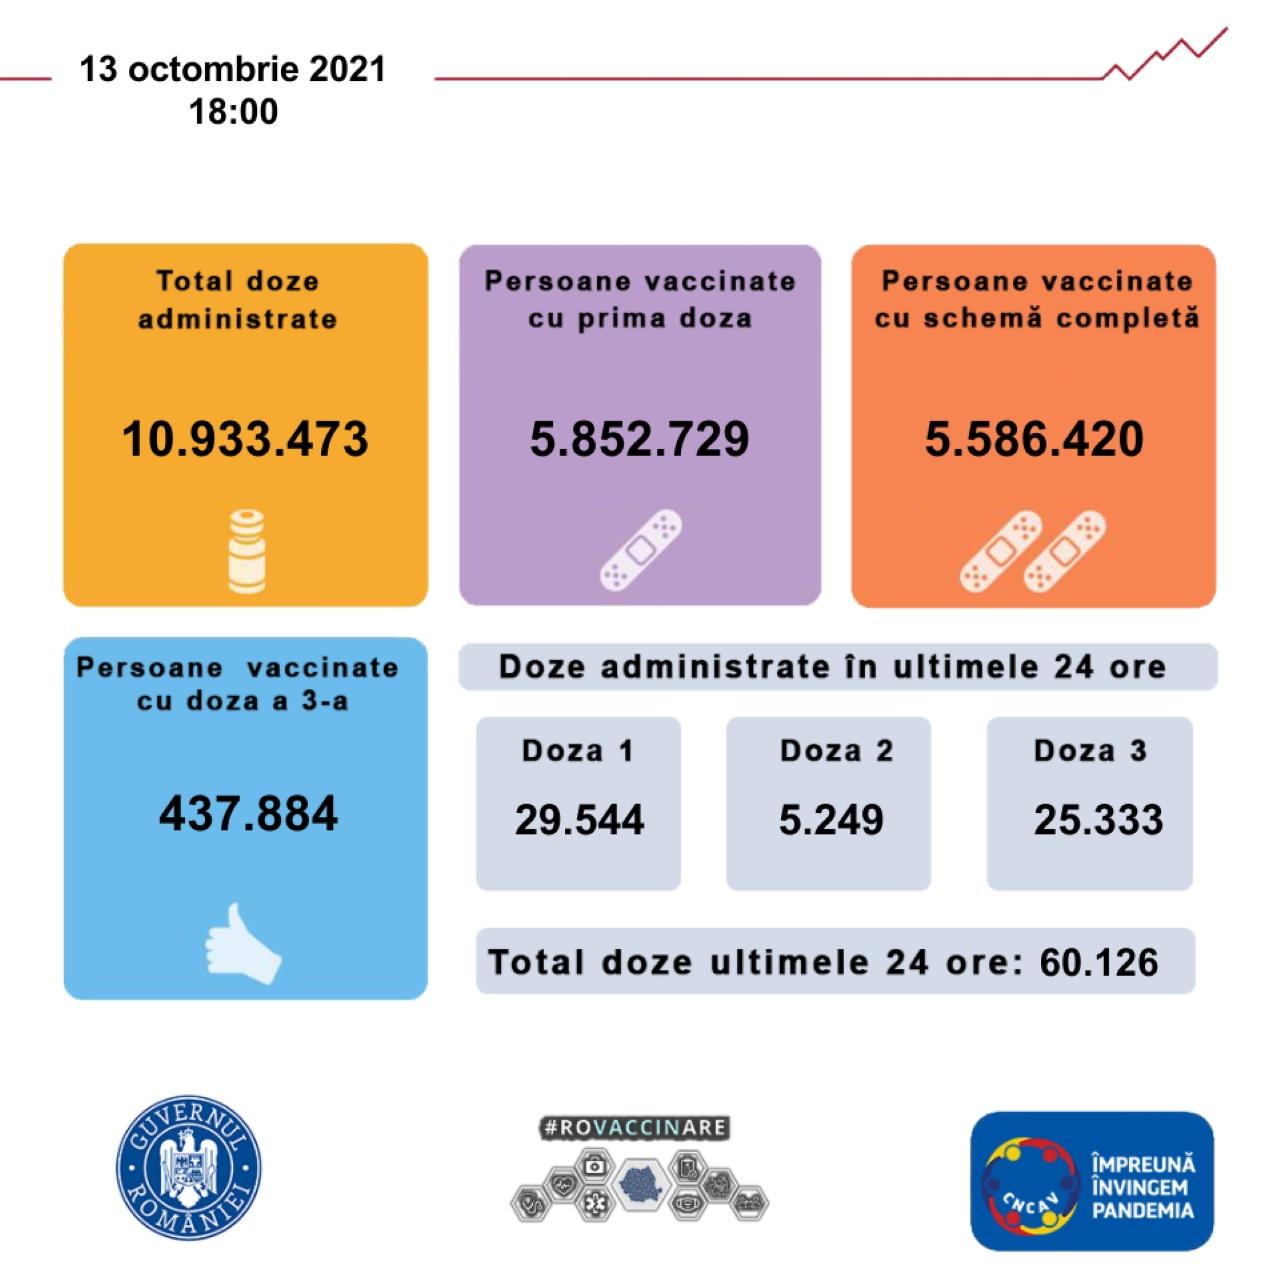 Coronavirus Romania 5.6 Milioane de Oameni Vaccinati cu Schema Completa grafic